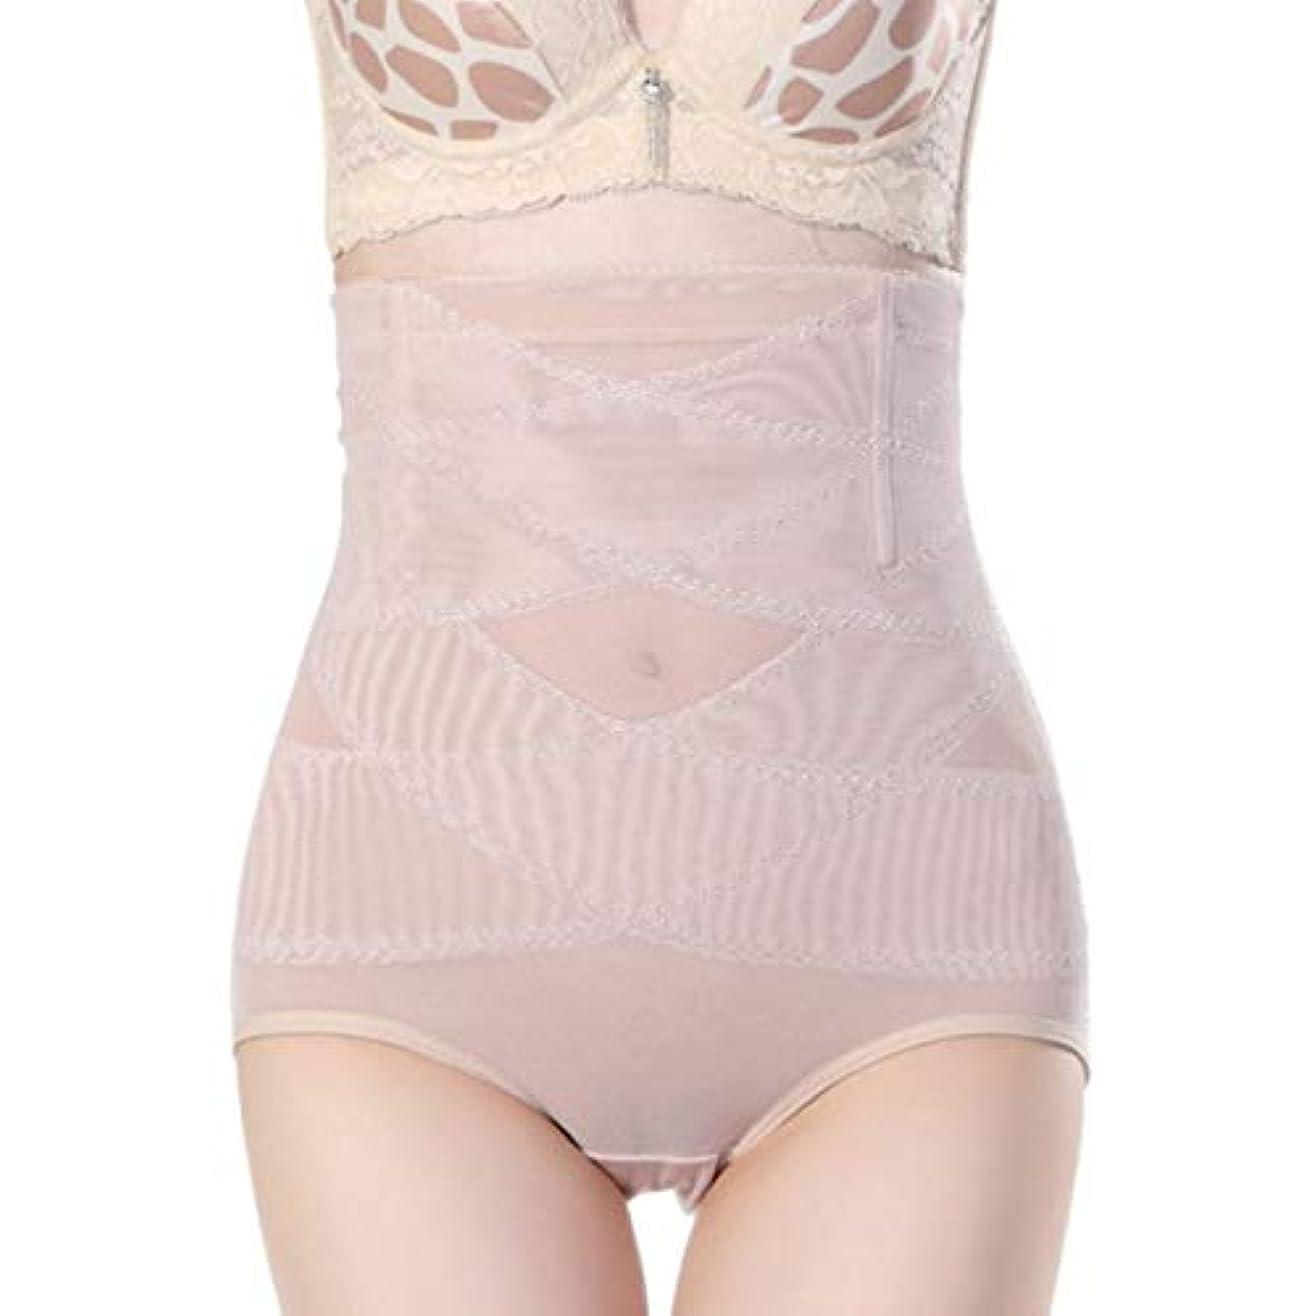 膨らませるスカルク対処腹部制御下着シームレスおなかコントロールパンティーバットリフターボディシェイパーを痩身通気性のハイウエストの女性 - 肌色3 XL